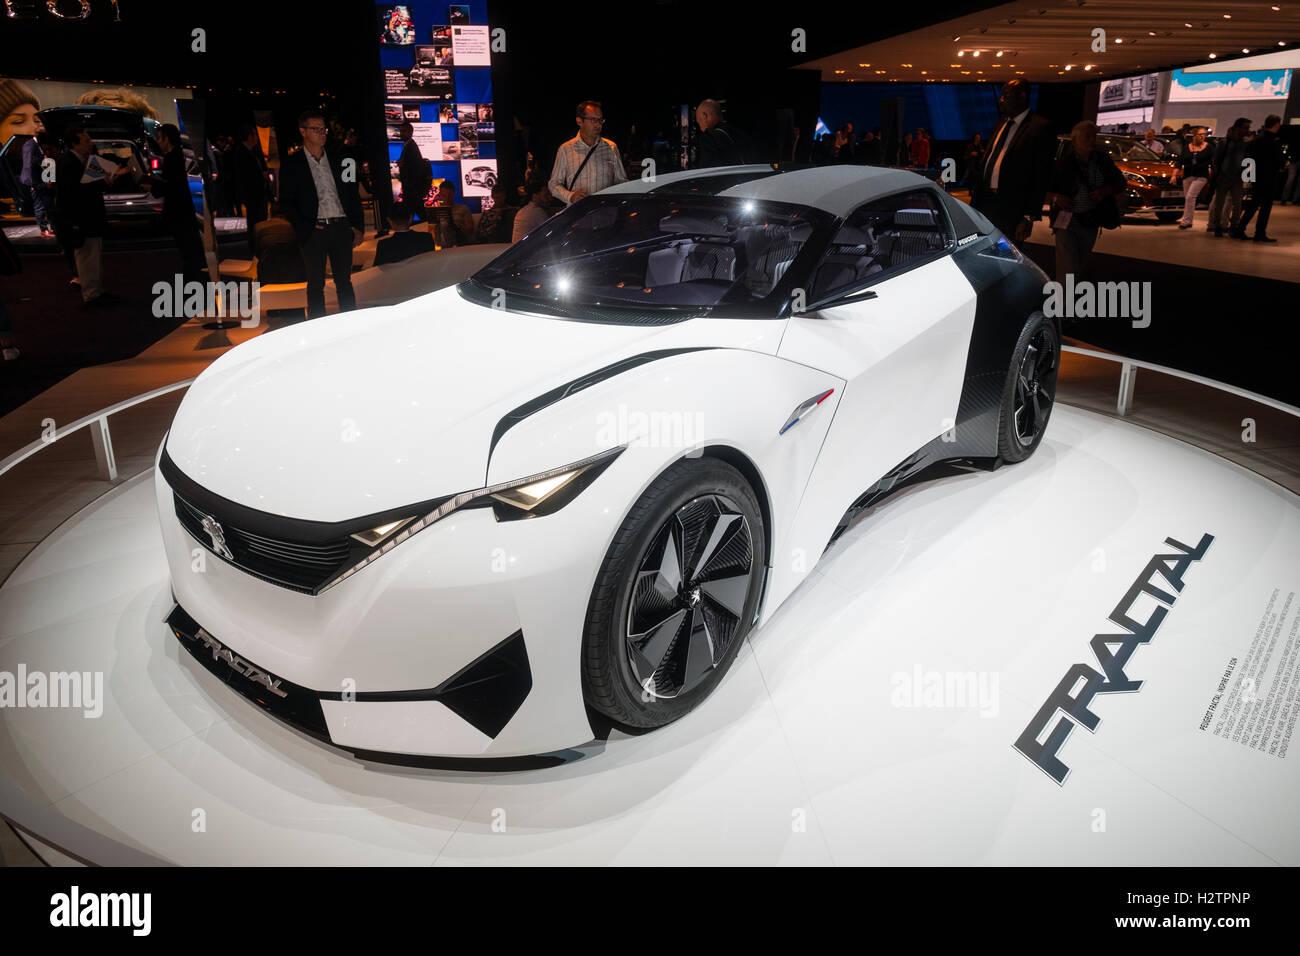 Peugeot concept car eléctrico Fractal en Paris Motor Show 2016 Imagen De Stock